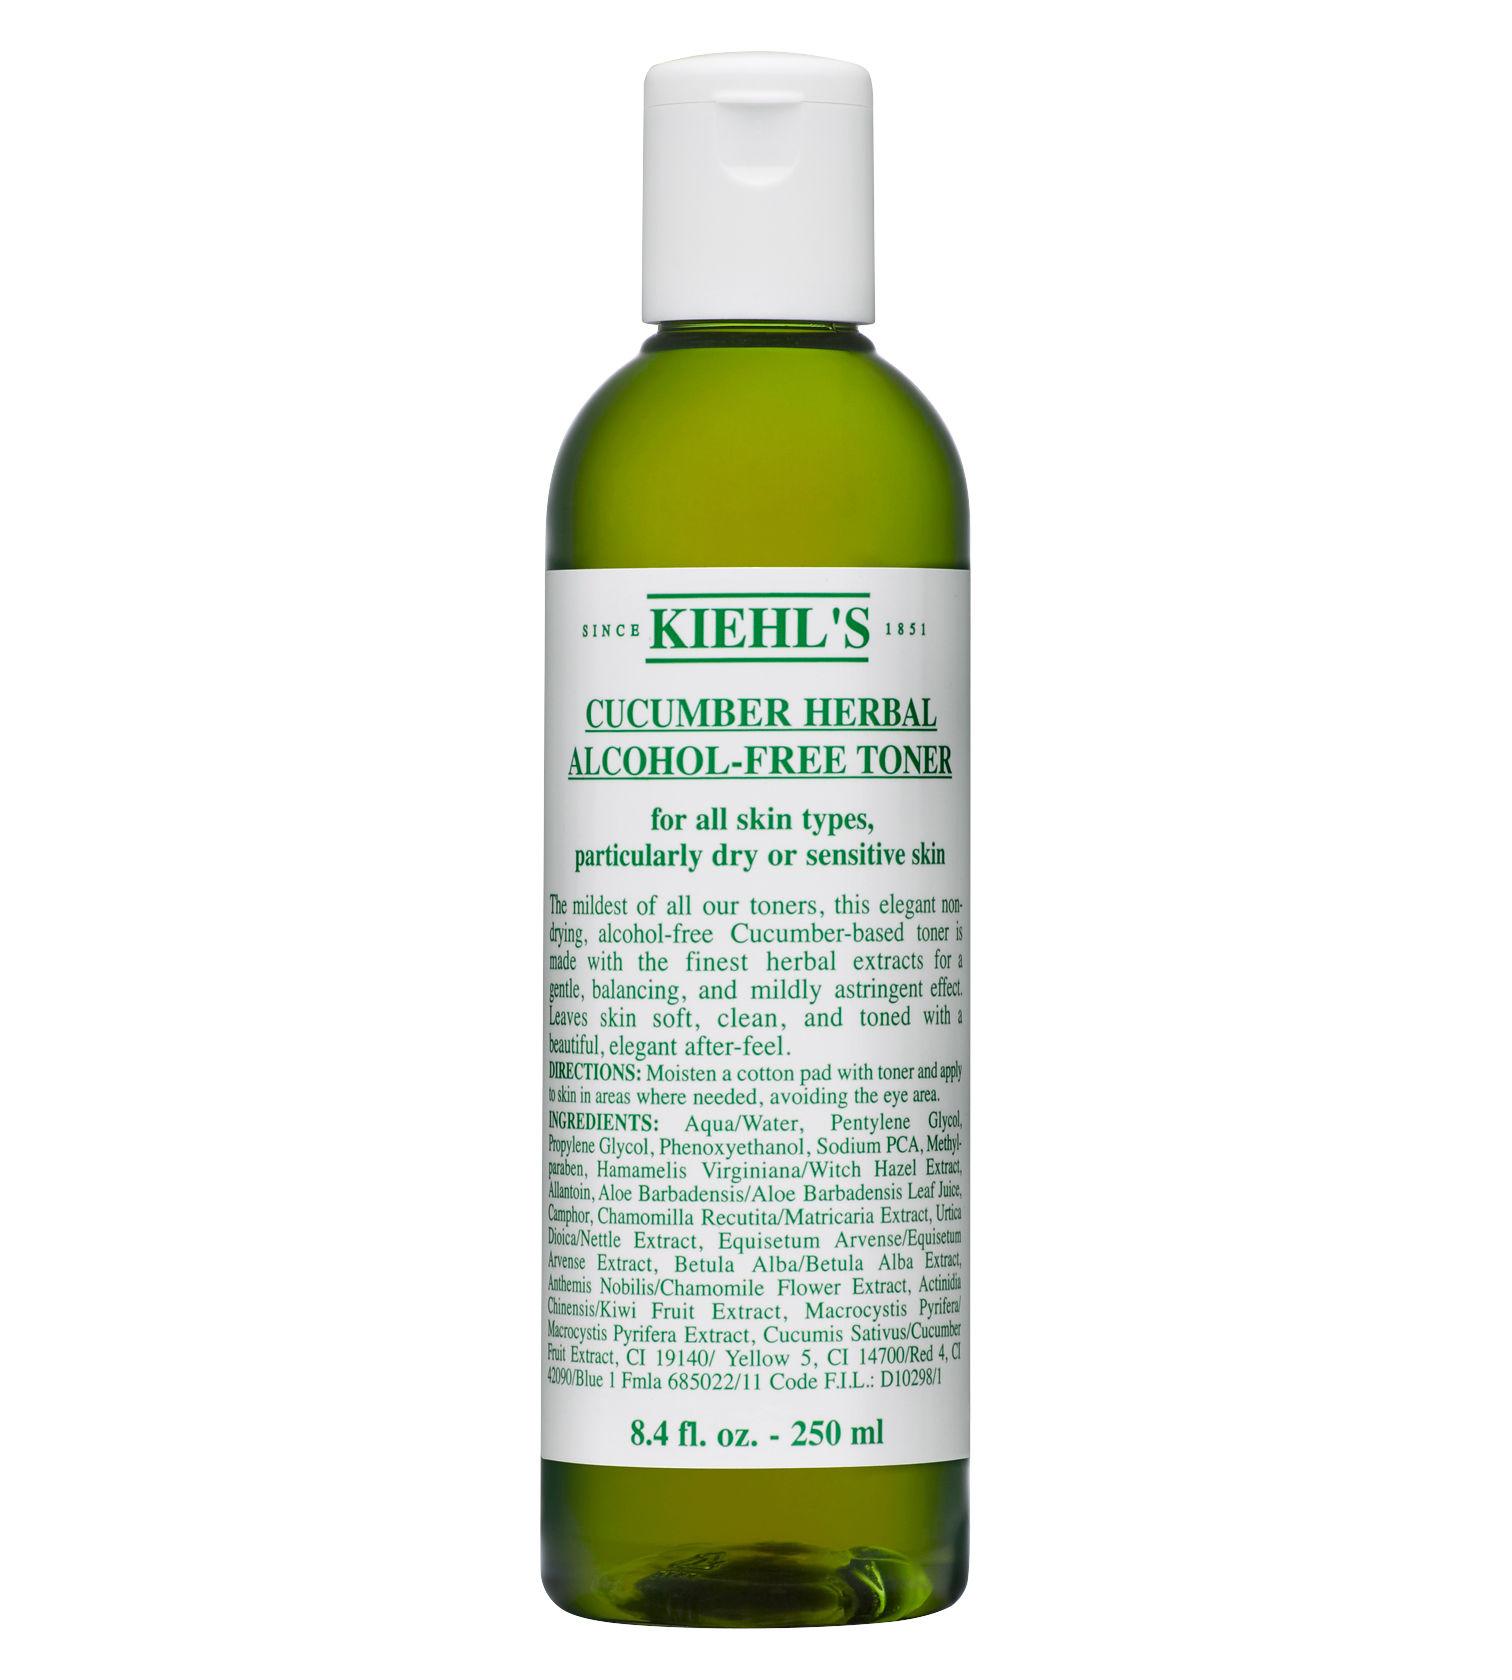 Косметика Kiehl's - тоники для кожи лица, тоник для сухой кожи, тоник для жирной кожи